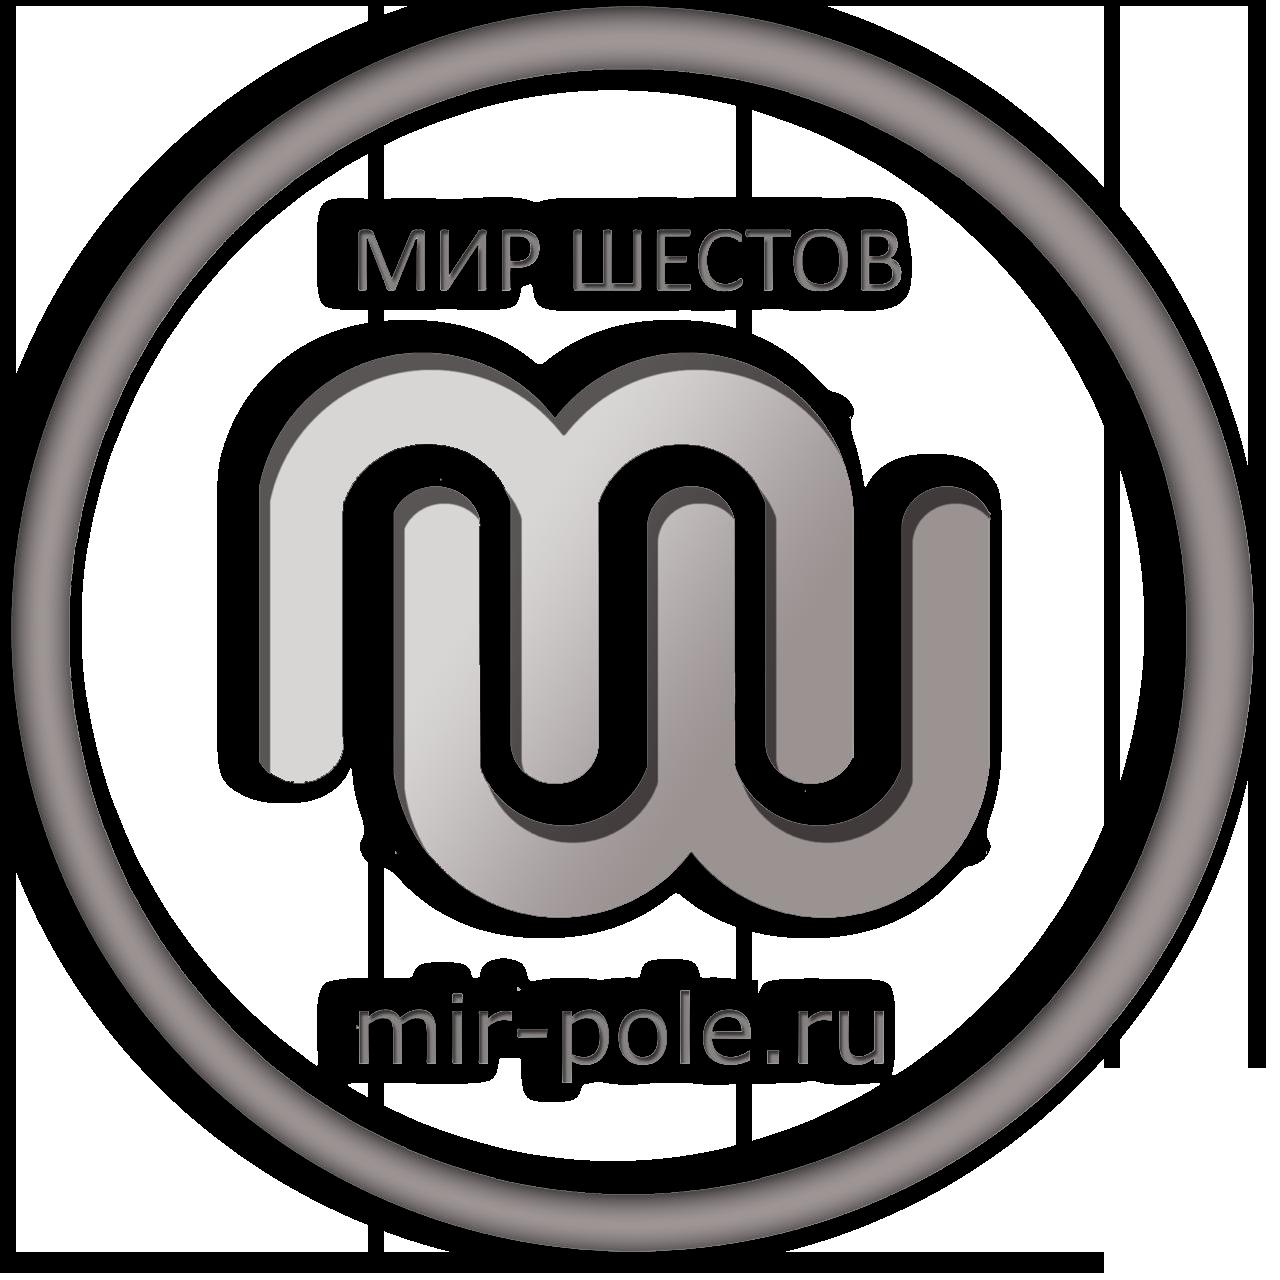 mir-pole.ru